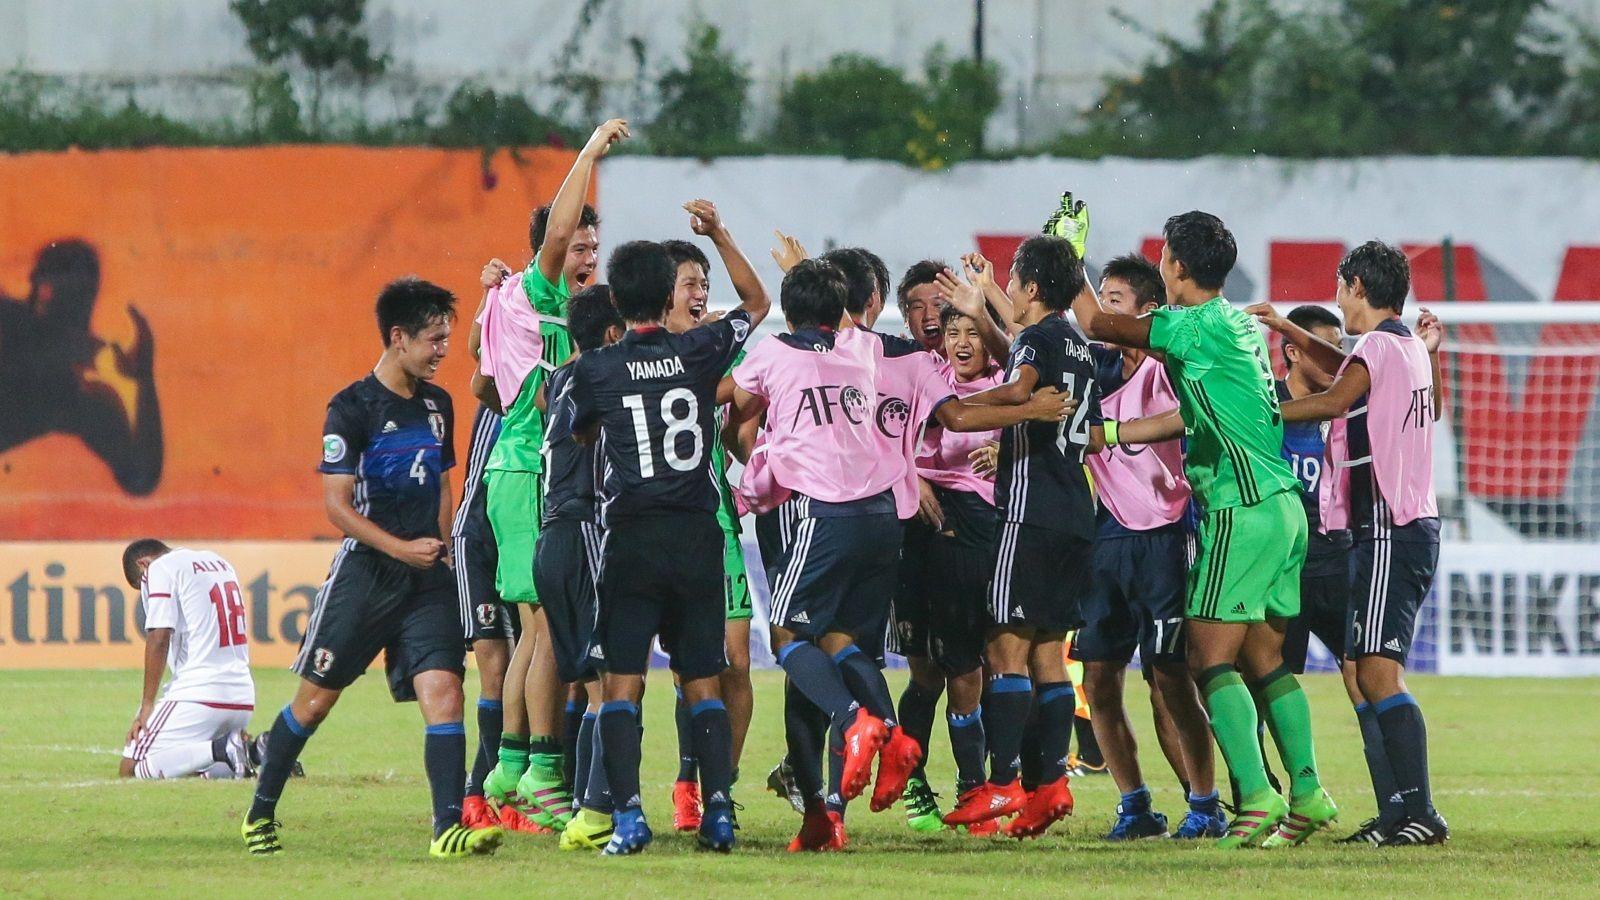 サッカー界を牽引する 広島出身 監督の視点 リーダーシップ 教養